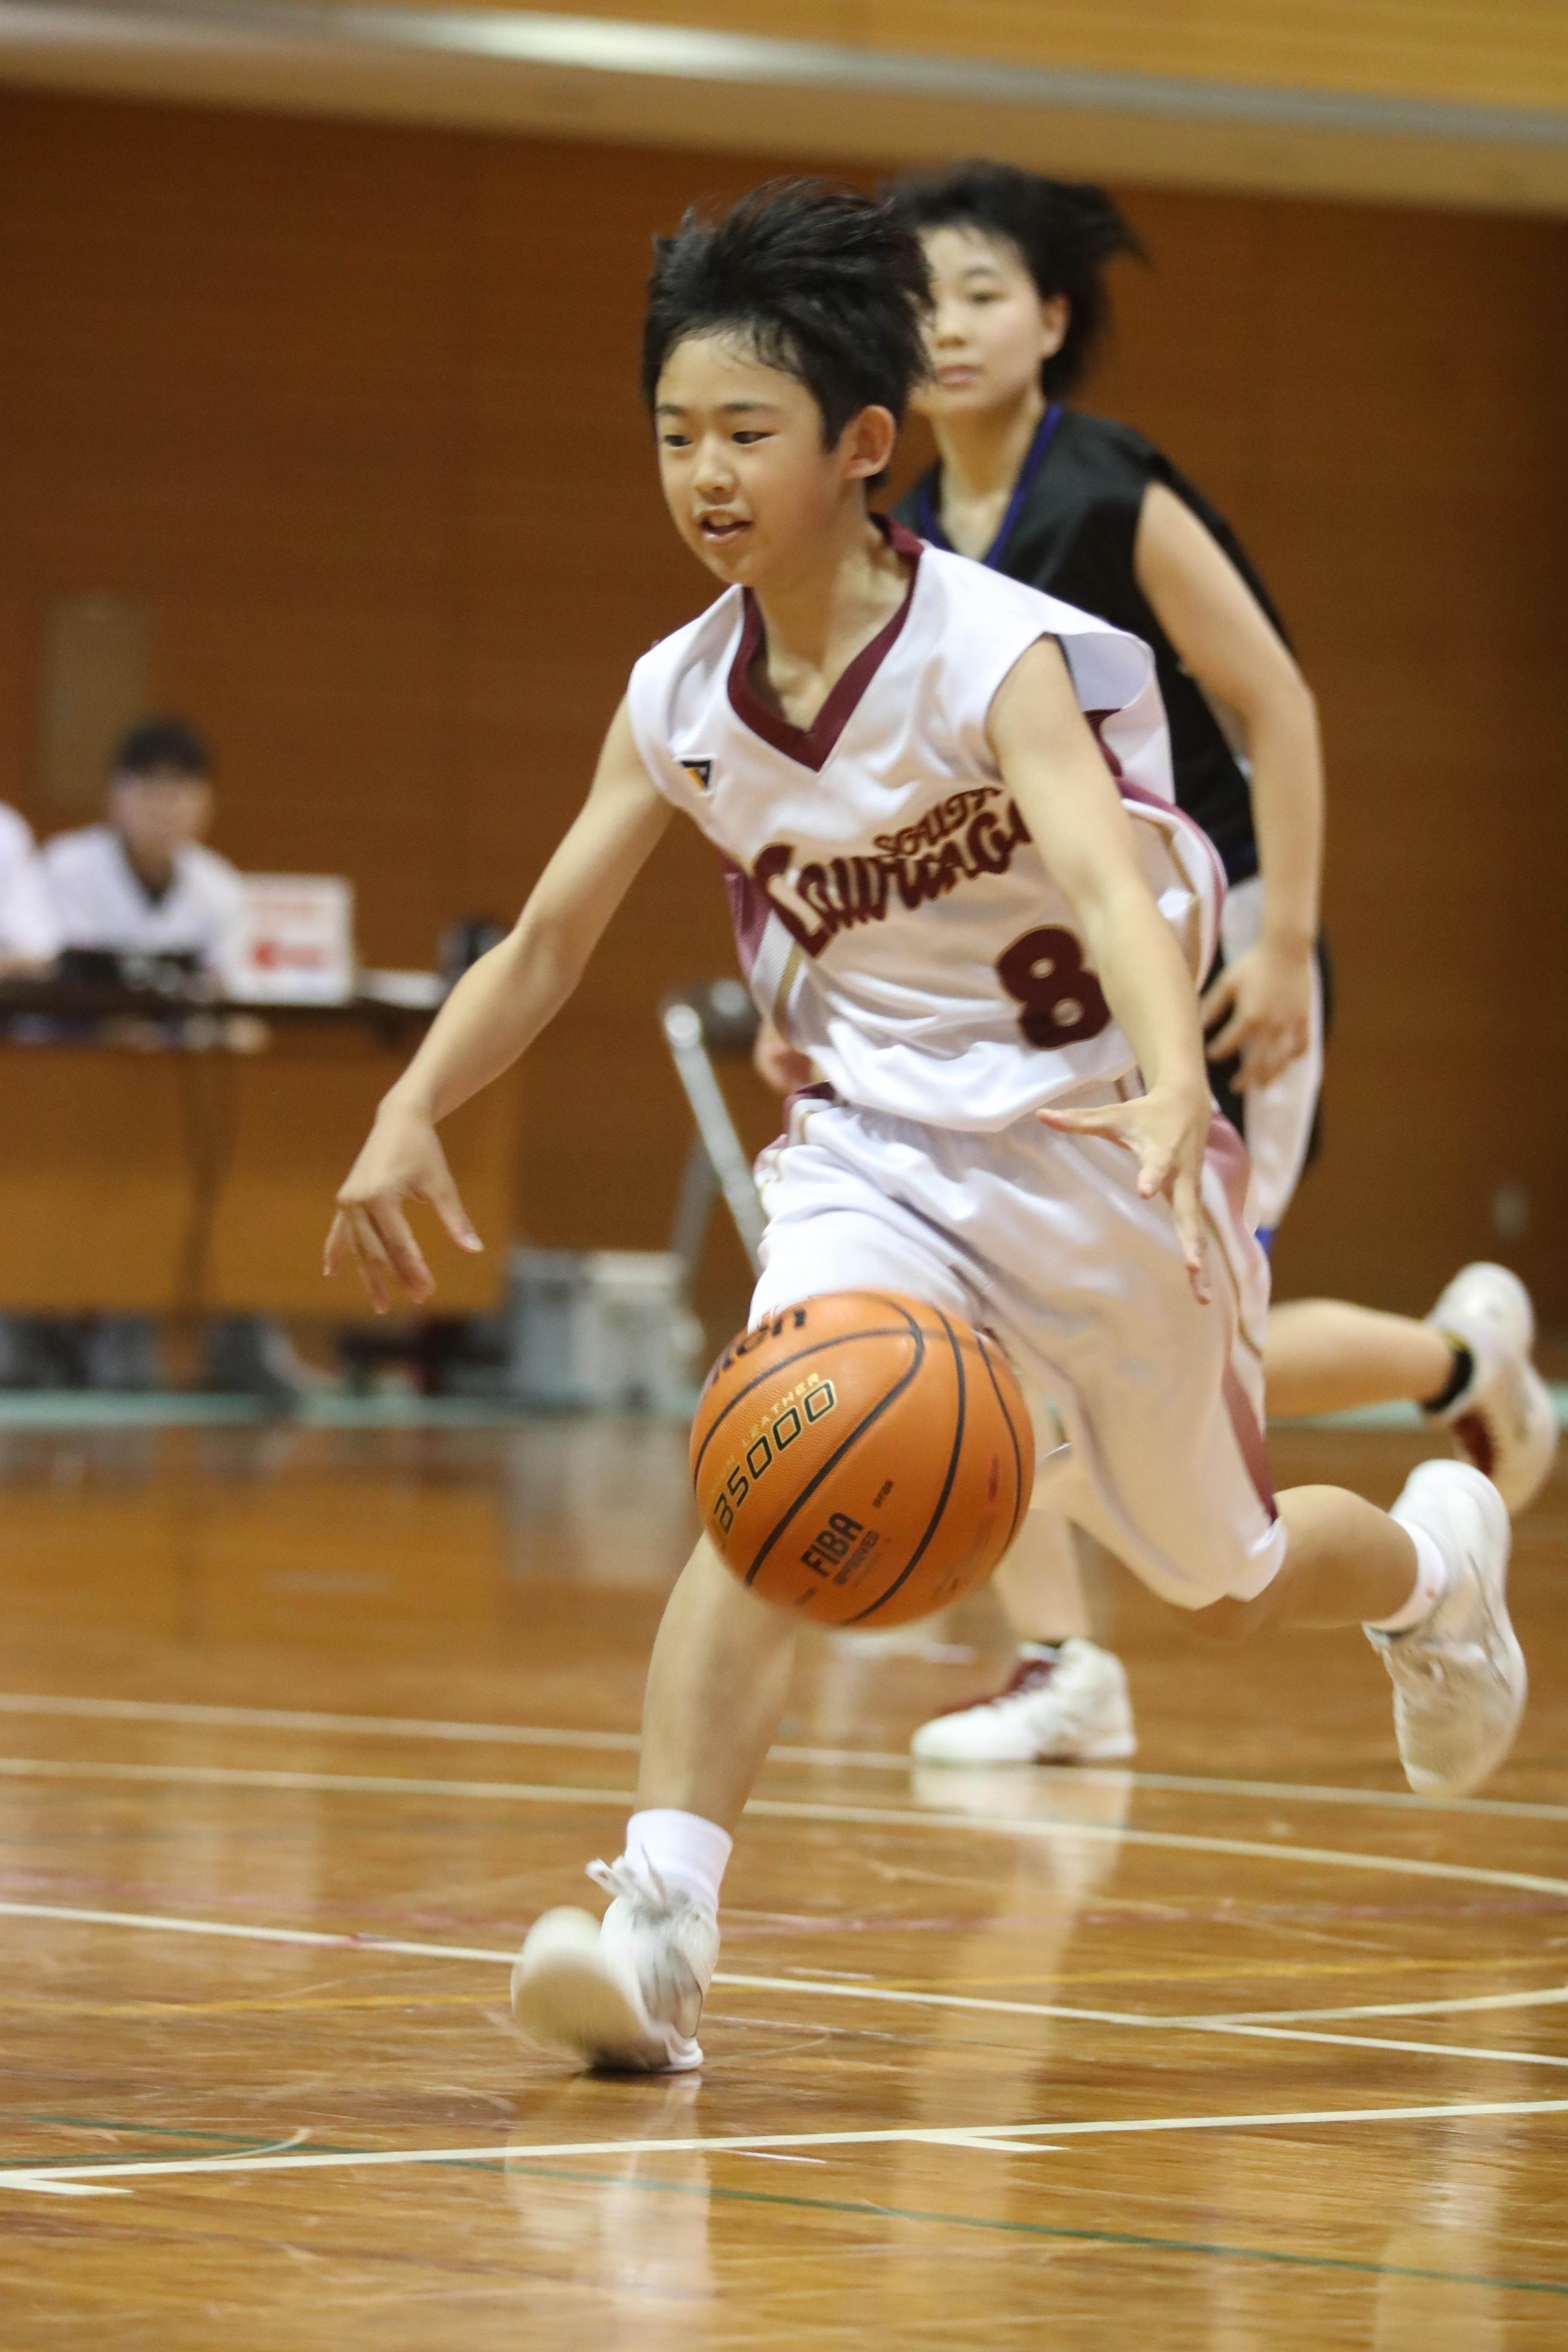 バスケット (66)